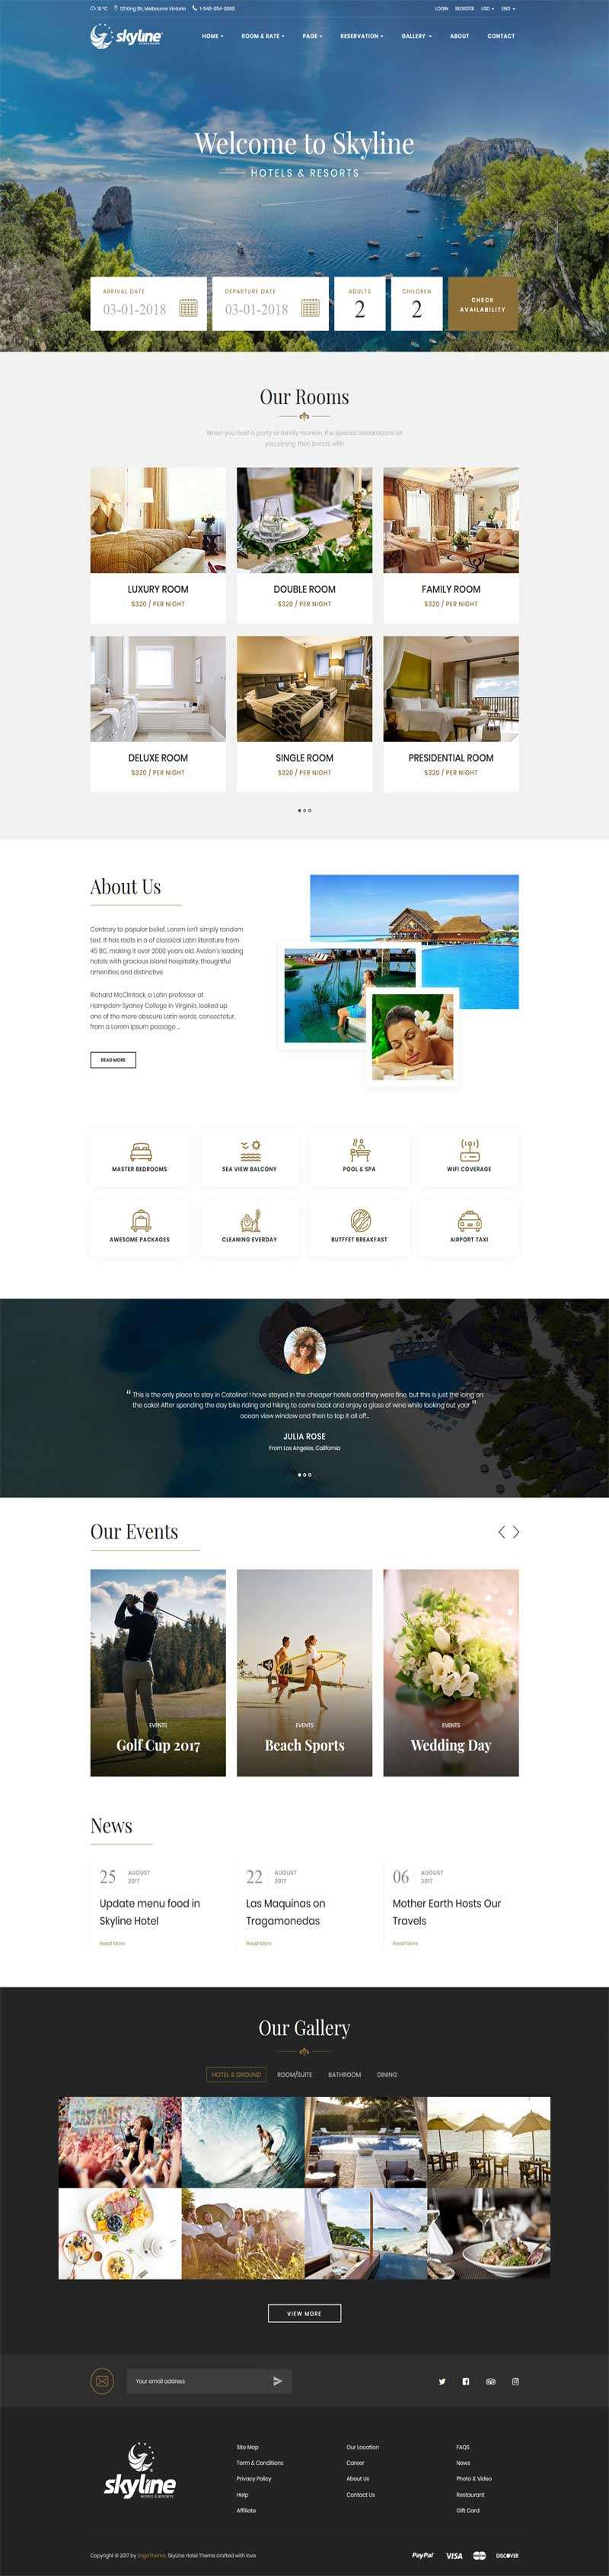 大气的在线度假酒店预订网站模板html下载